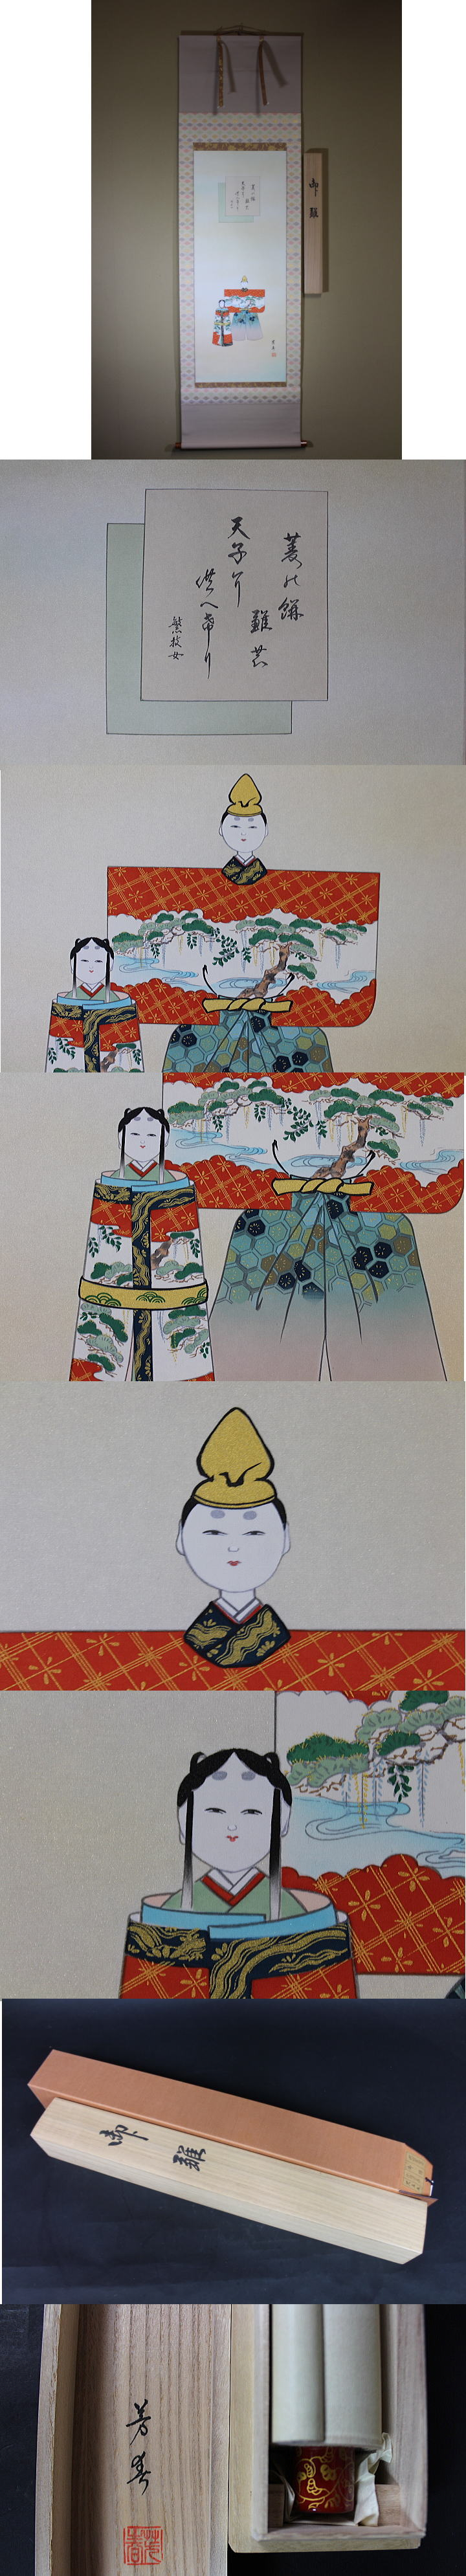 jikuhinahuou